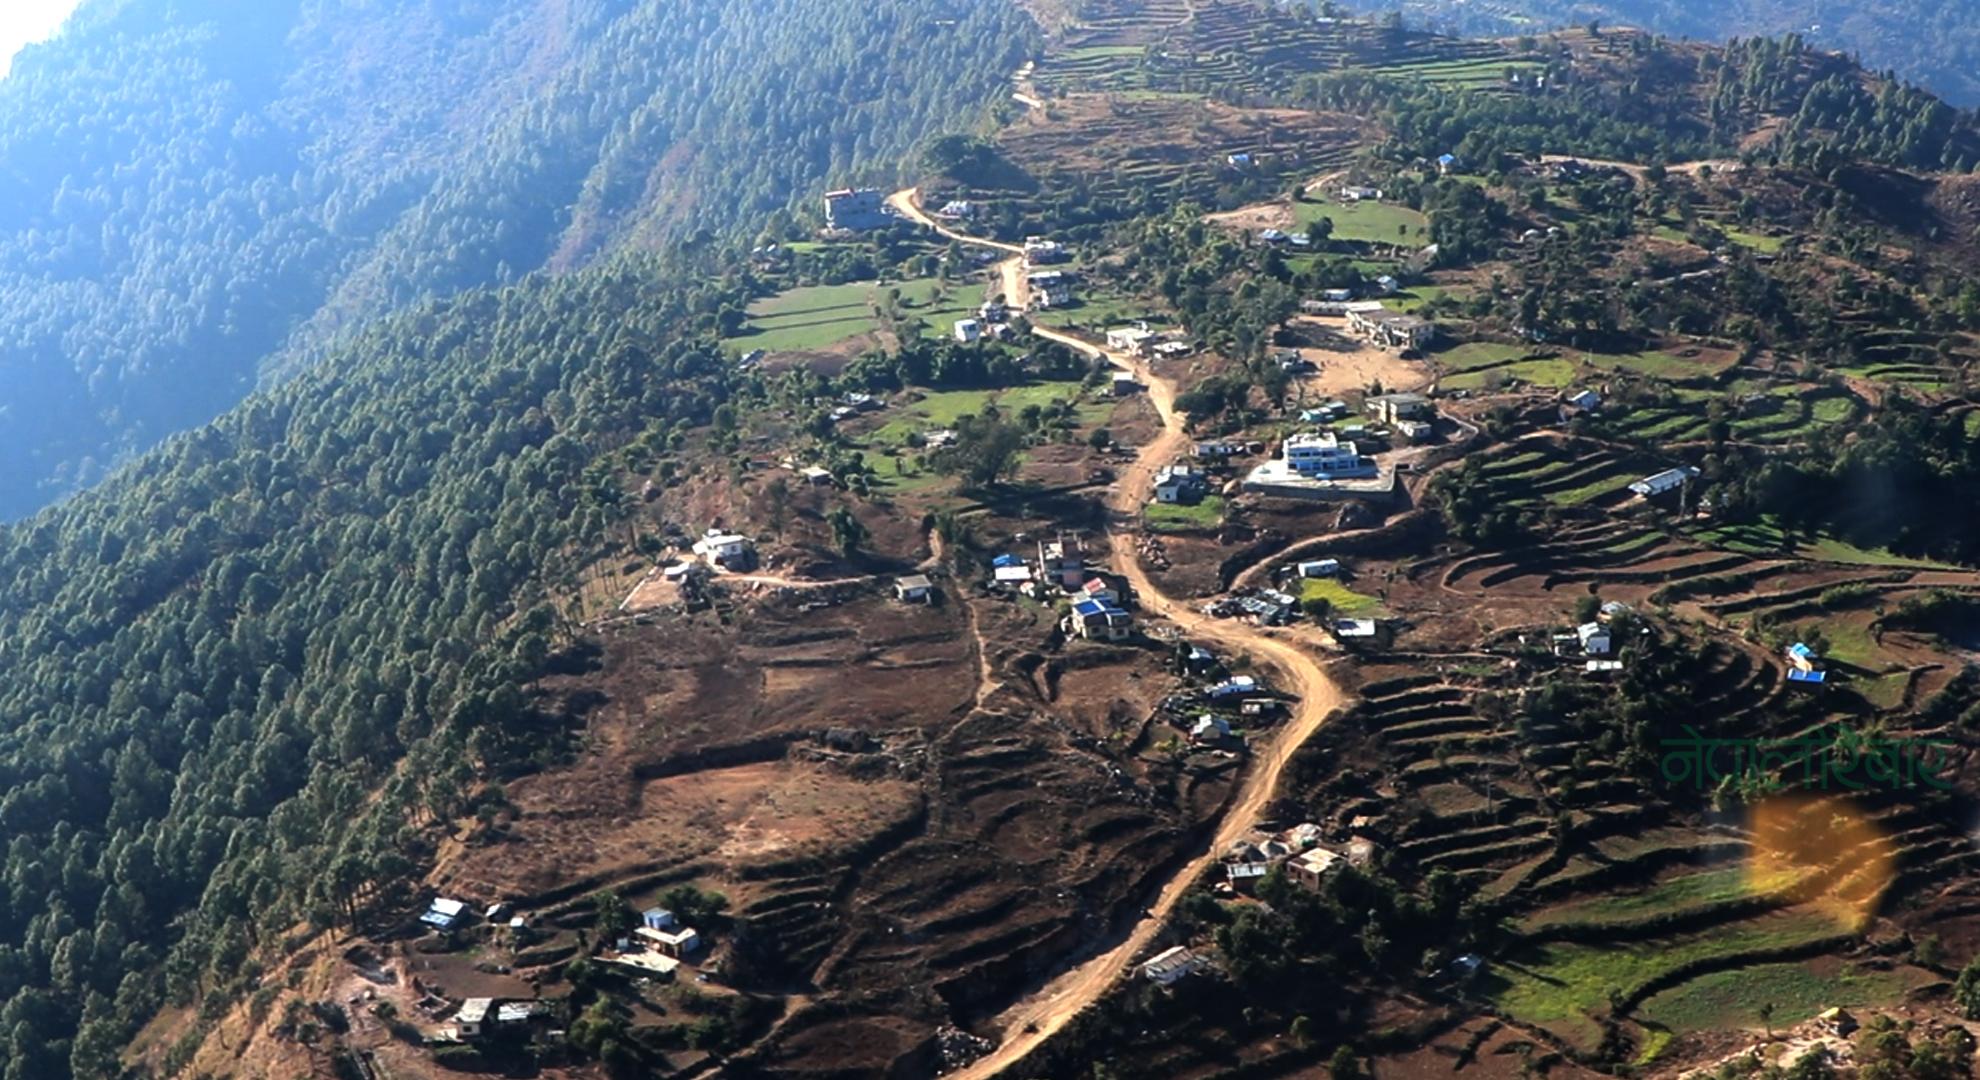 कर्णालीको नगरकोट 'गोठीकाँडा' प्रमुख पर्यटकीय गन्तव्य